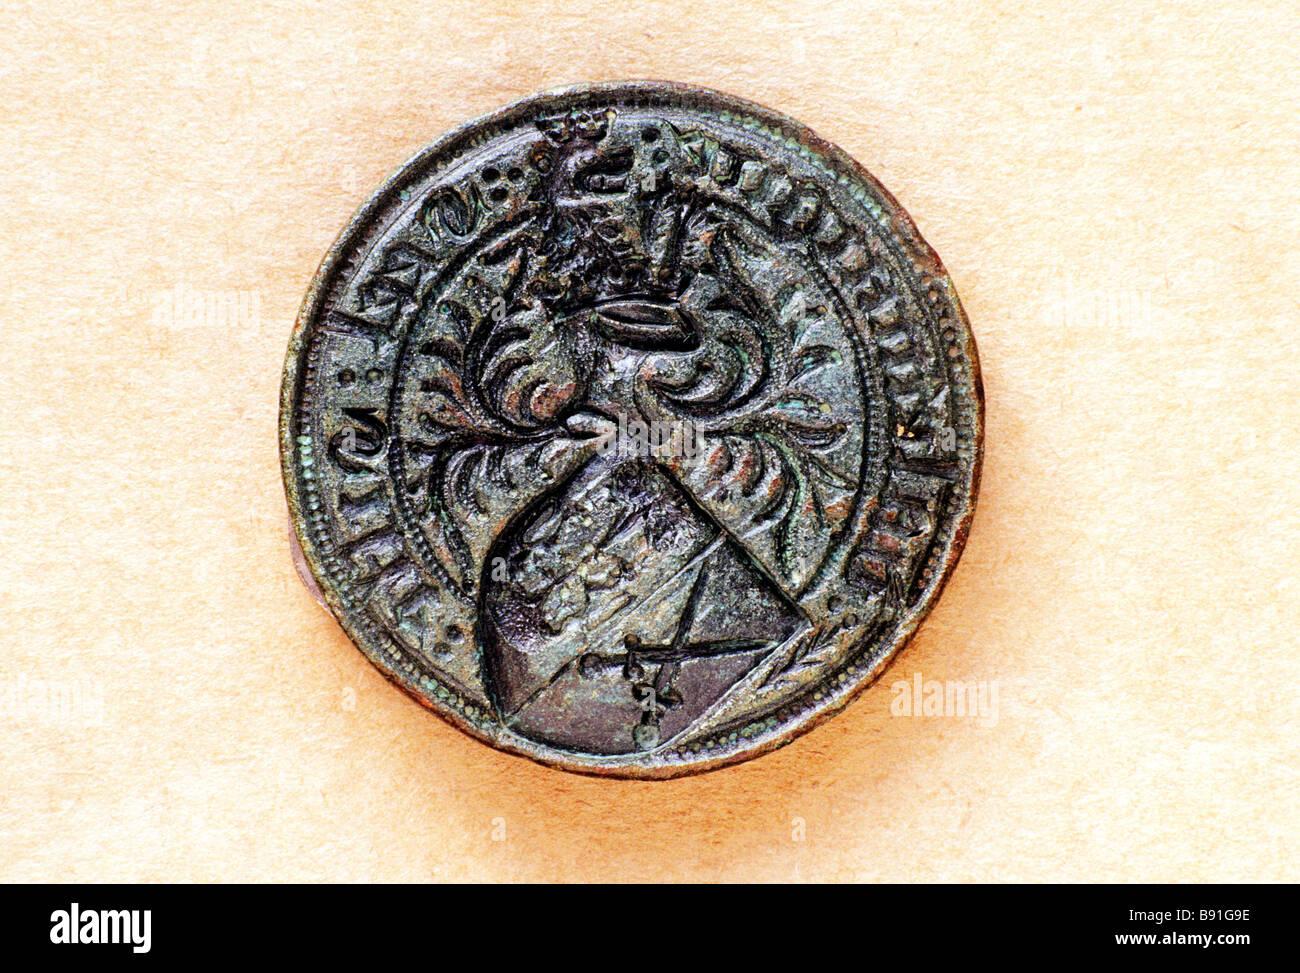 Guarnizione medievale Matrix xv secolo artefatto Inghilterra di rilevamento di metallo storico trova Immagini Stock